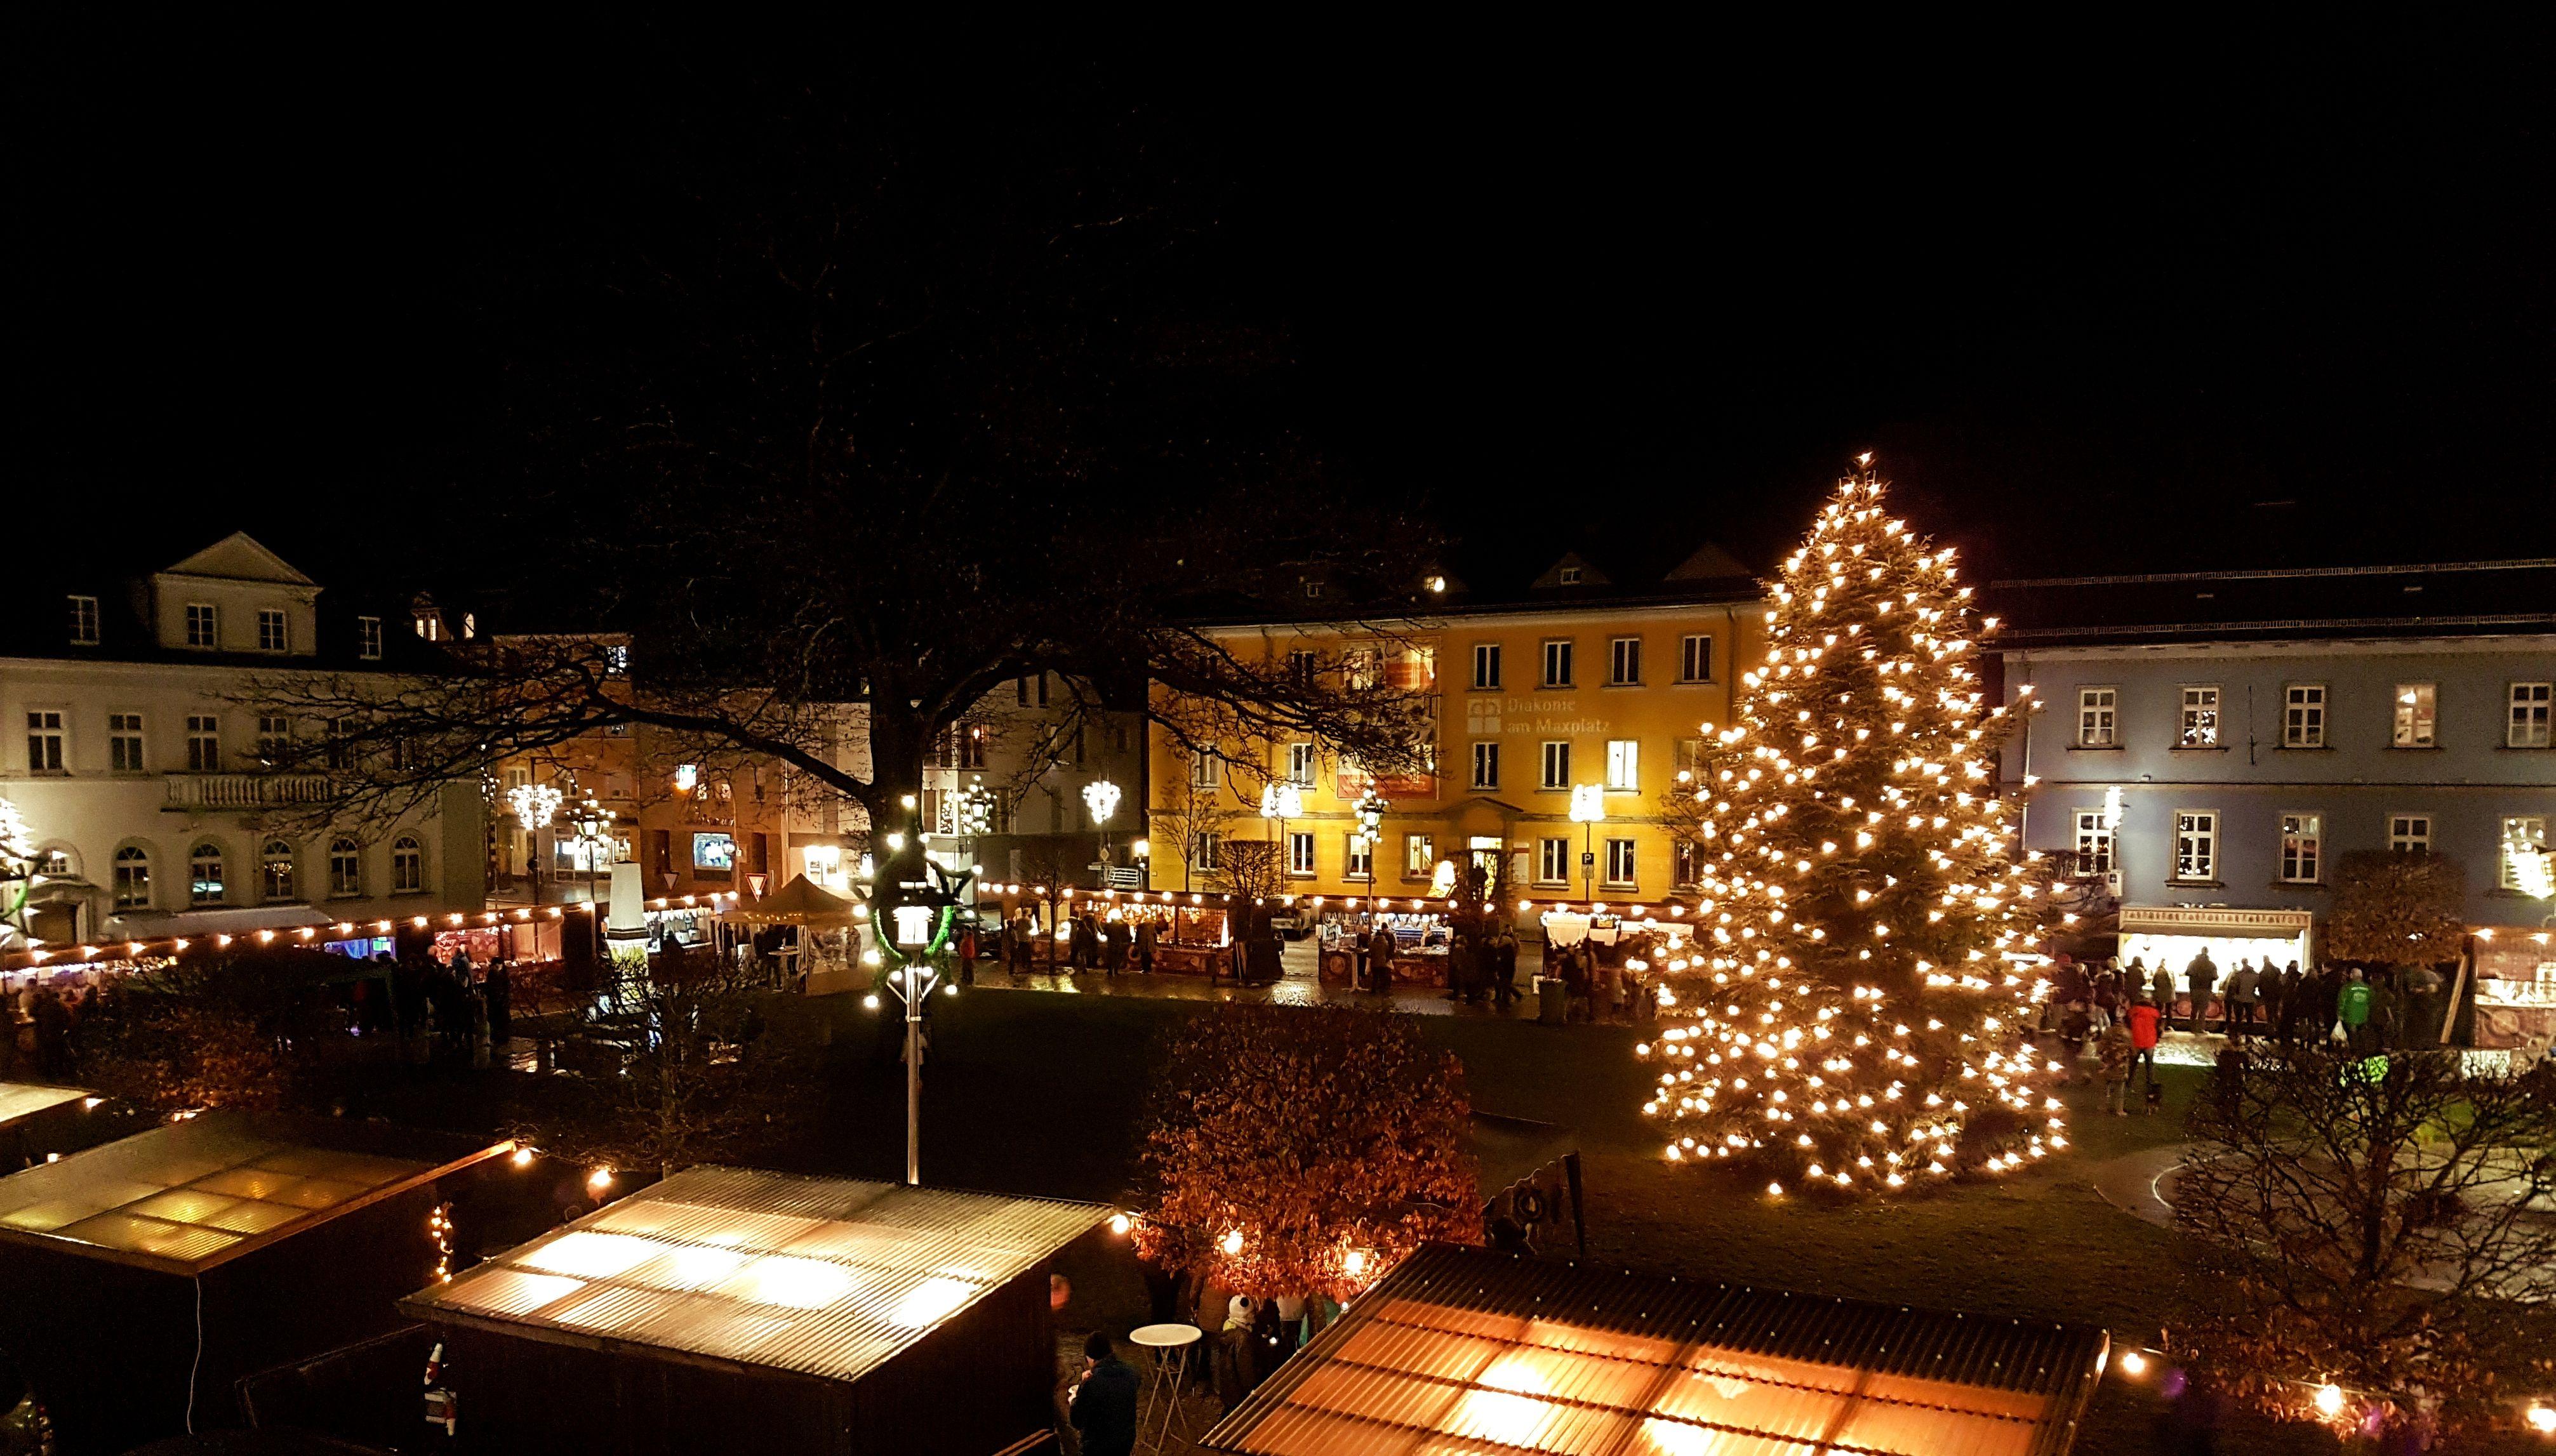 Das Weihnachtsmarkt.Weihnachtsmarkt Stadt Rehau